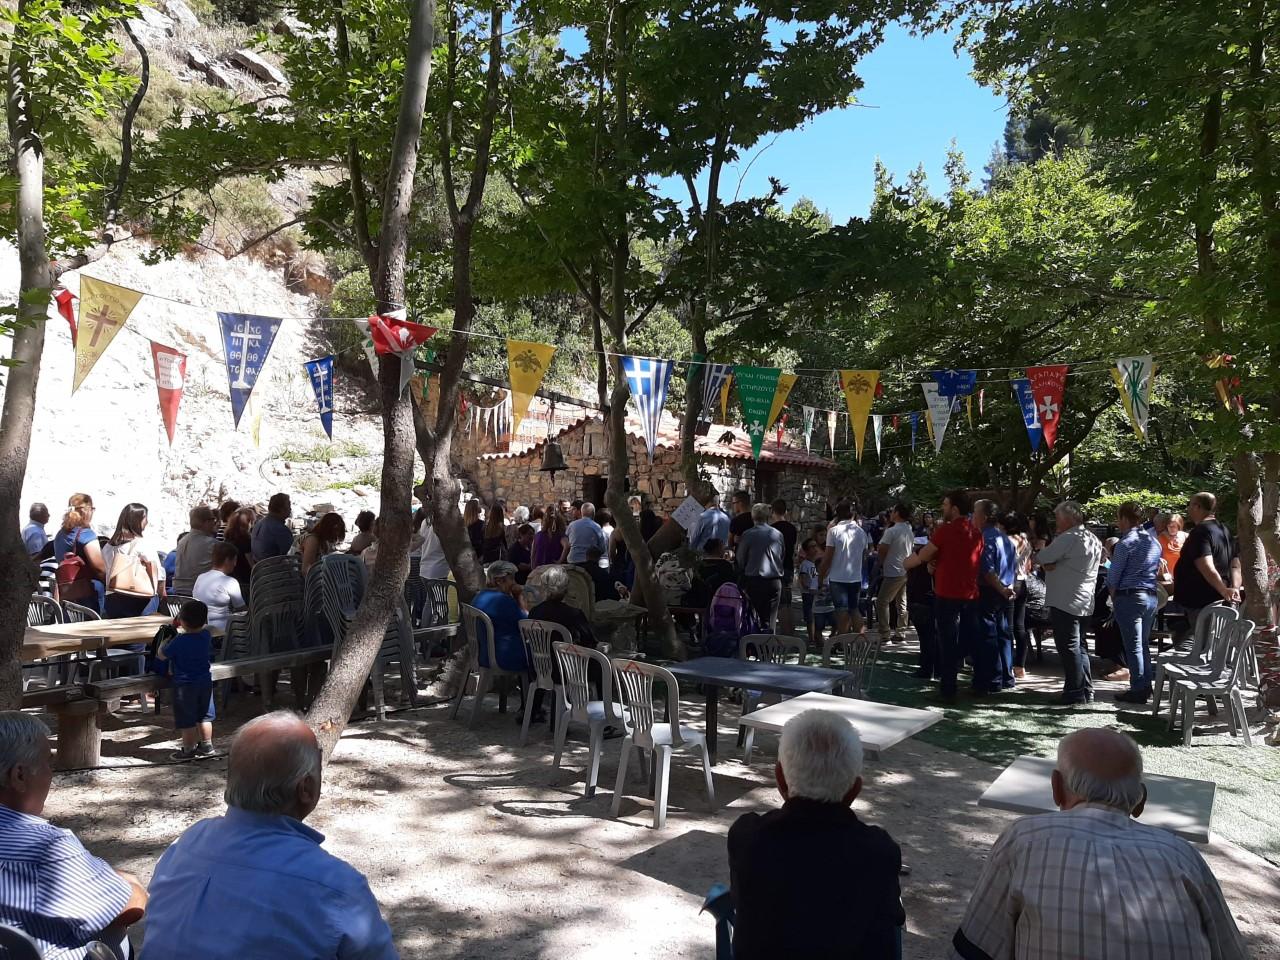 Τον Όσιο Παίσιο   τον Αγιορείτη εόρτασαν στο ορεινό Μαυρόπουλο Διρφύων.